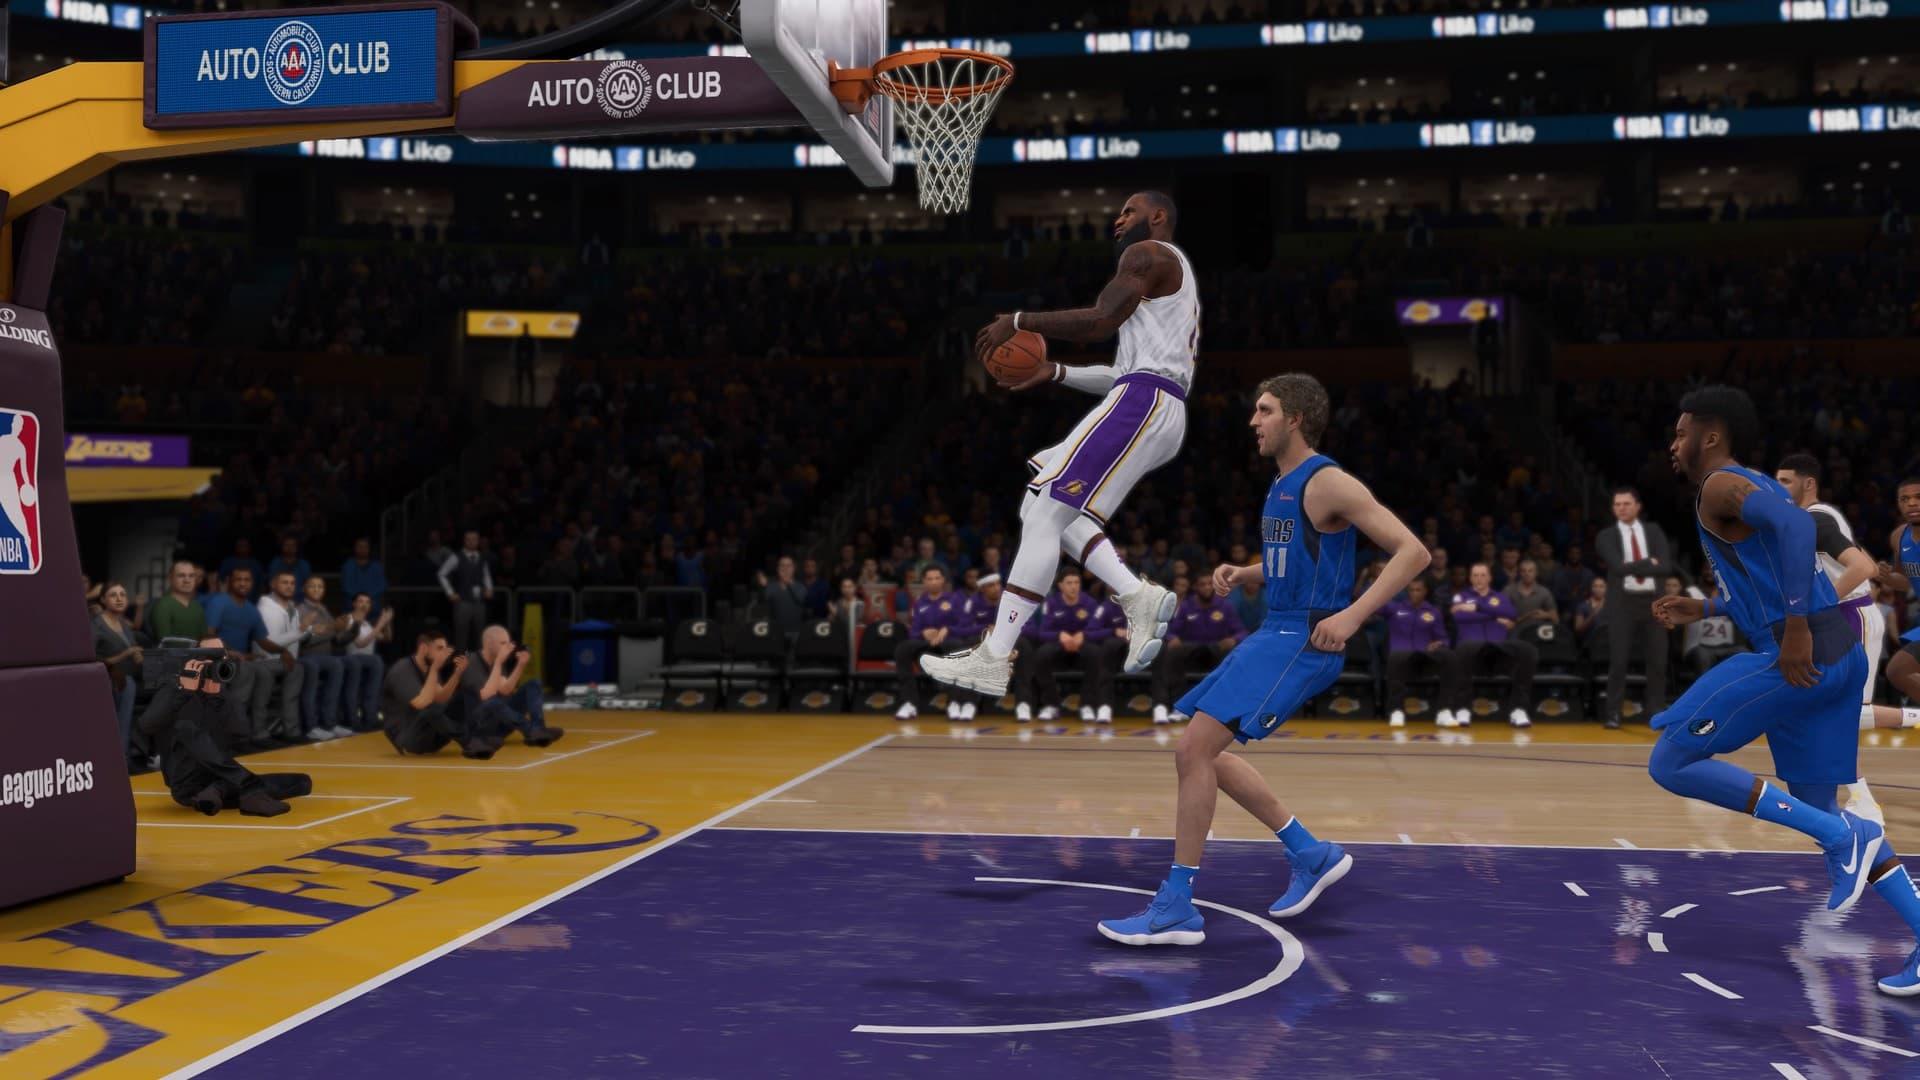 Zrzut z ekranu